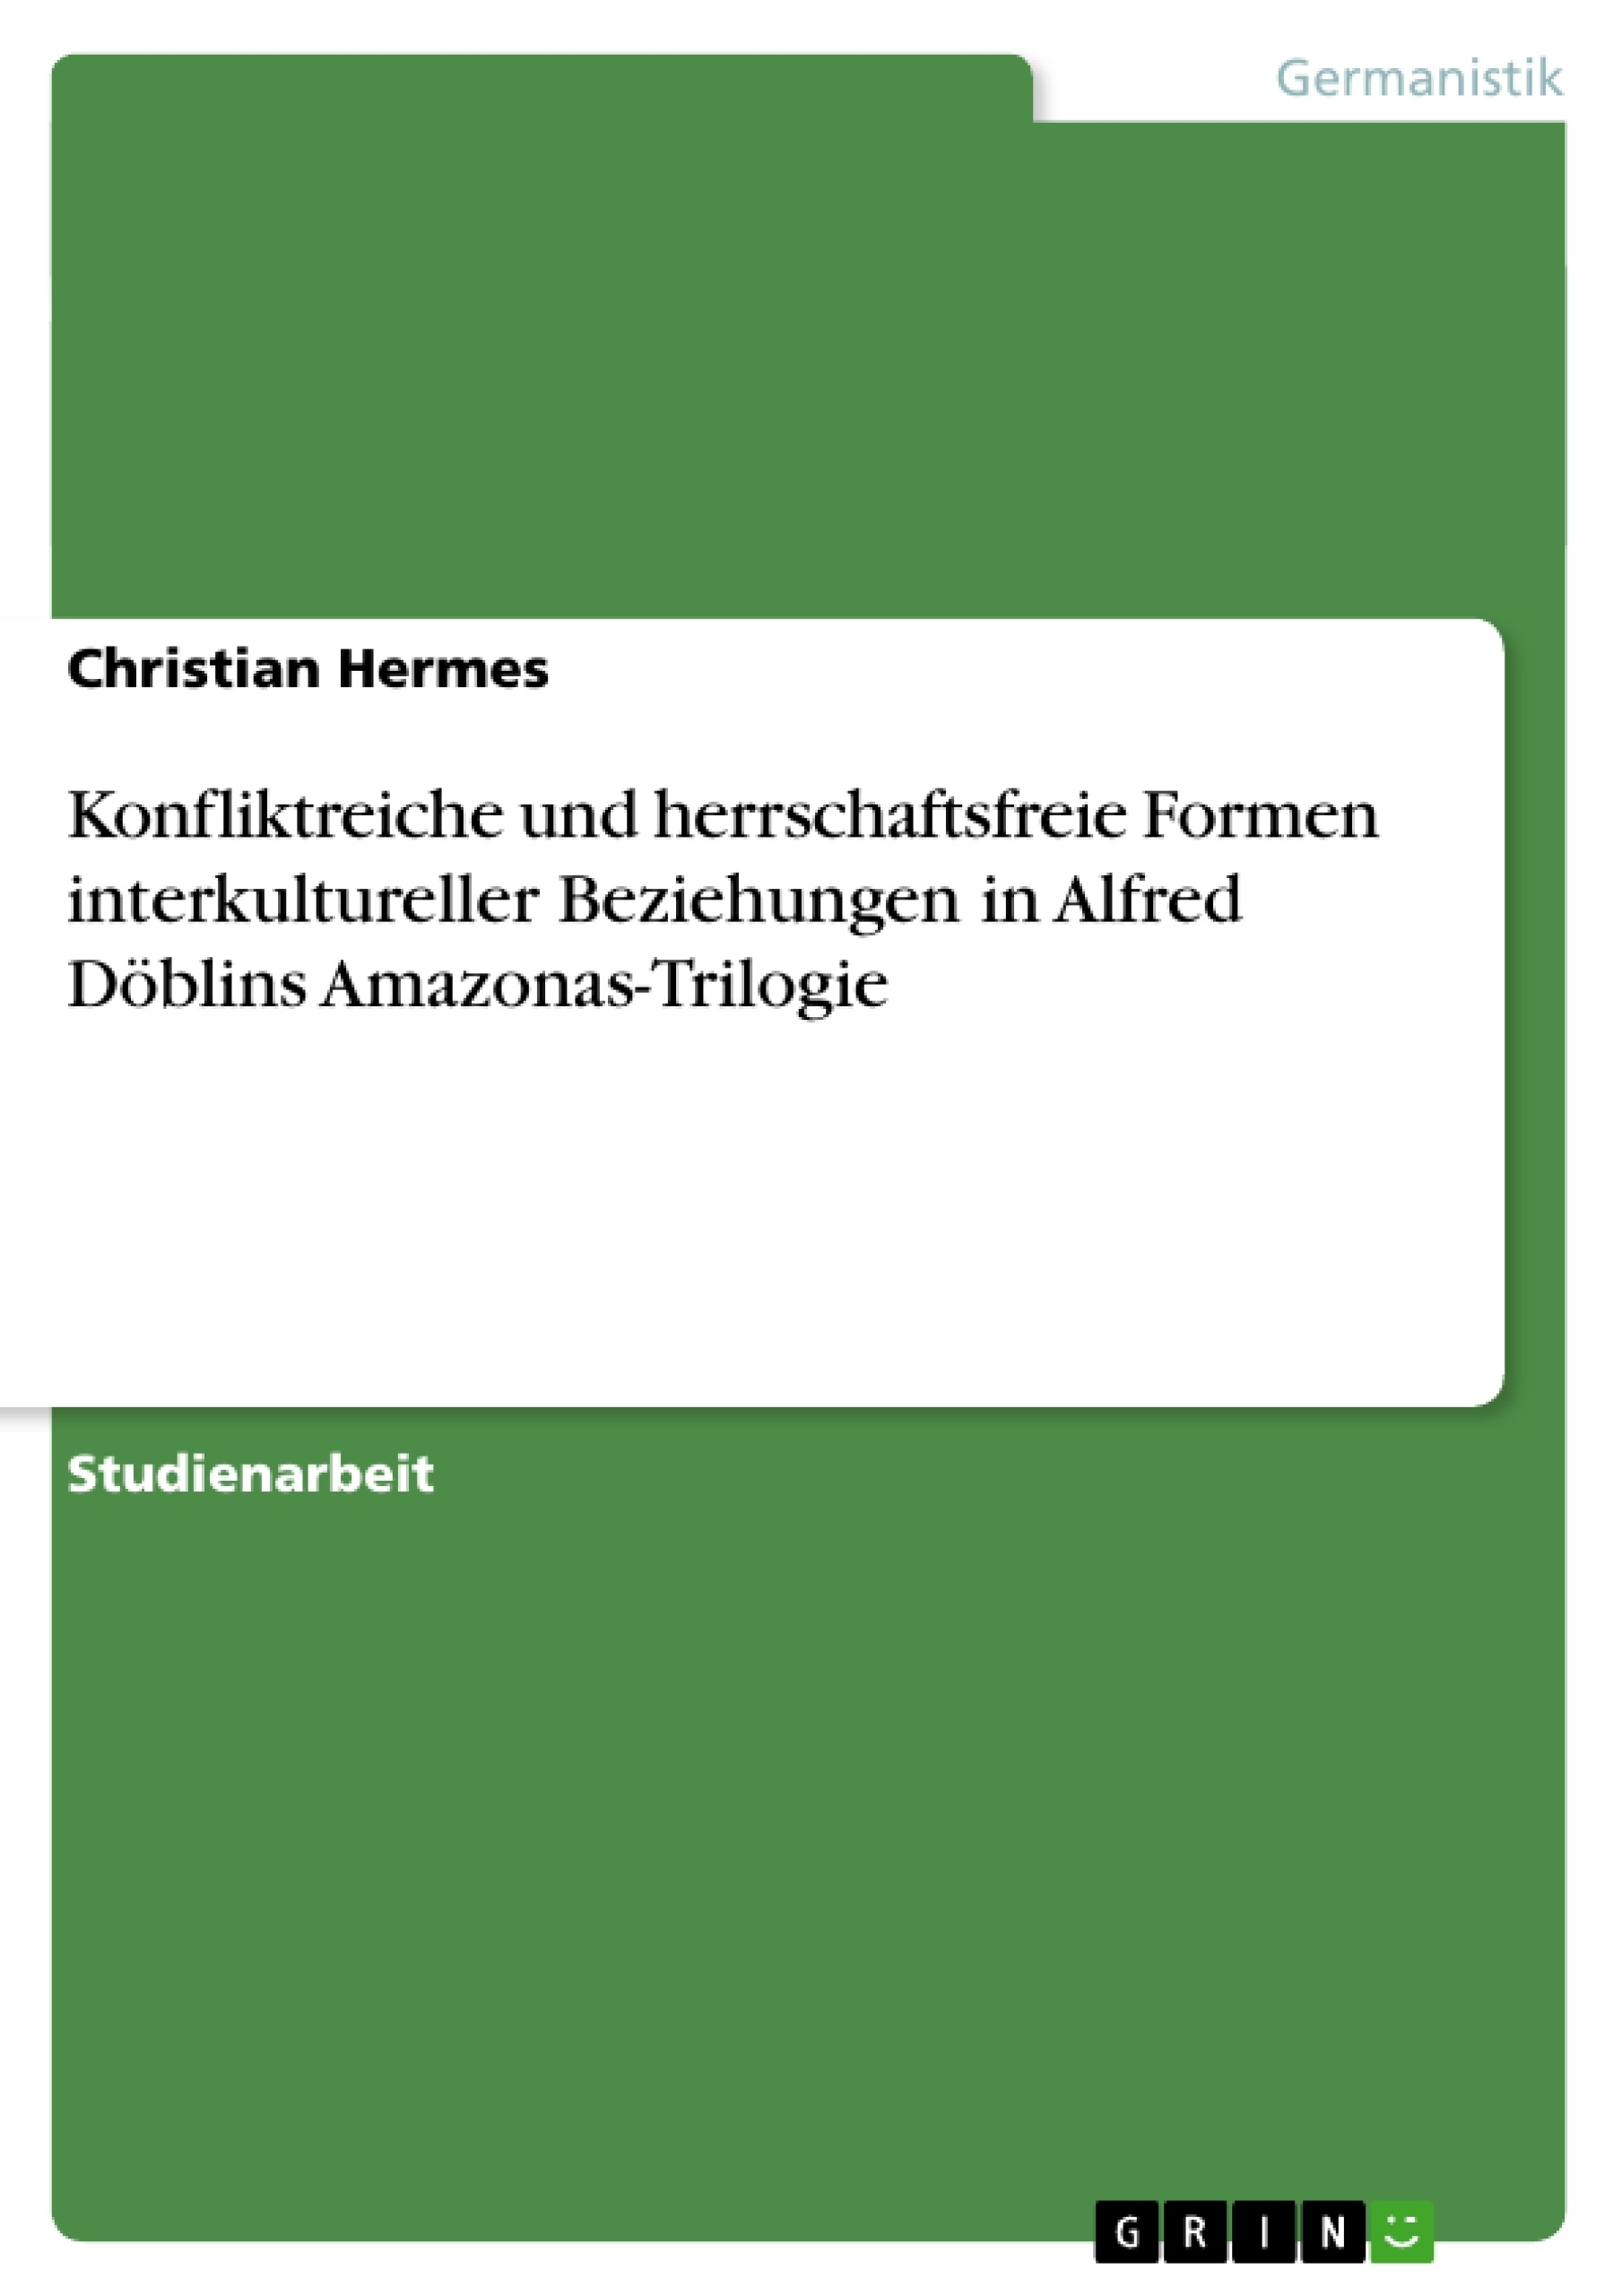 Titel: Konfliktreiche und herrschaftsfreie Formen interkultureller Beziehungen in Alfred Döblins Amazonas-Trilogie